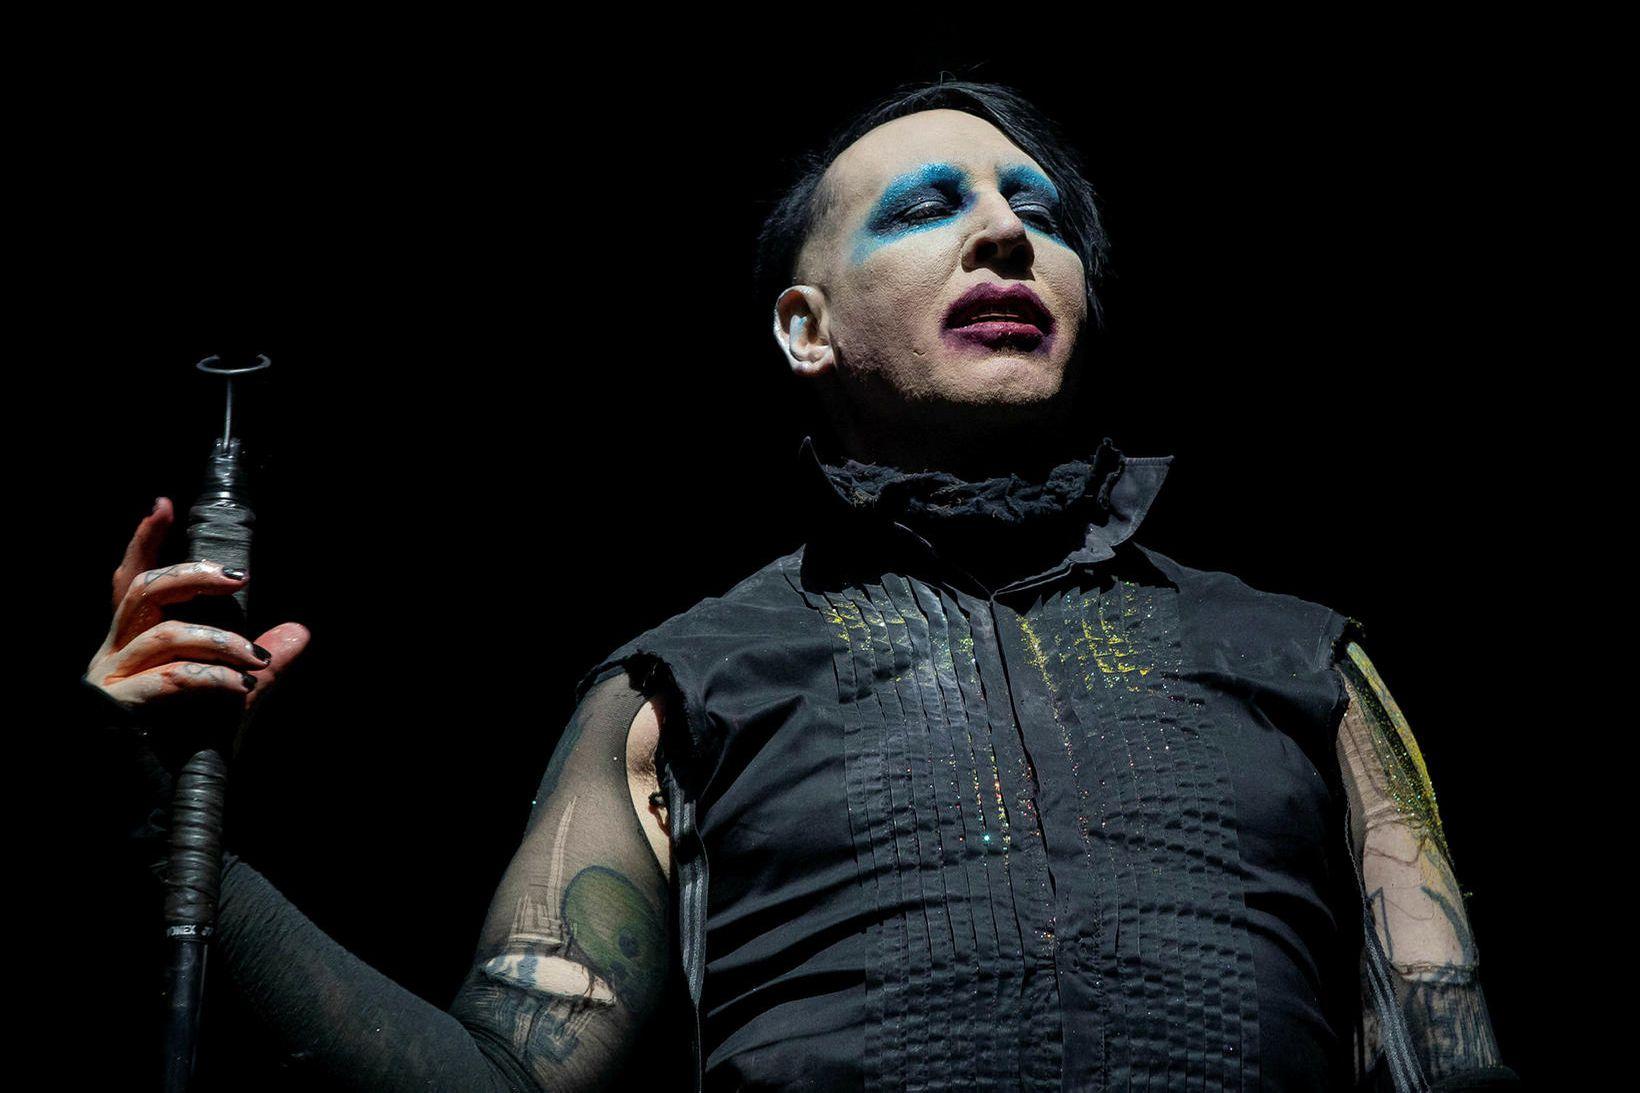 Ashley Walters hefur sakað Marilyn Manson um kynferðisofbeldi, kynferðislega áreitni …